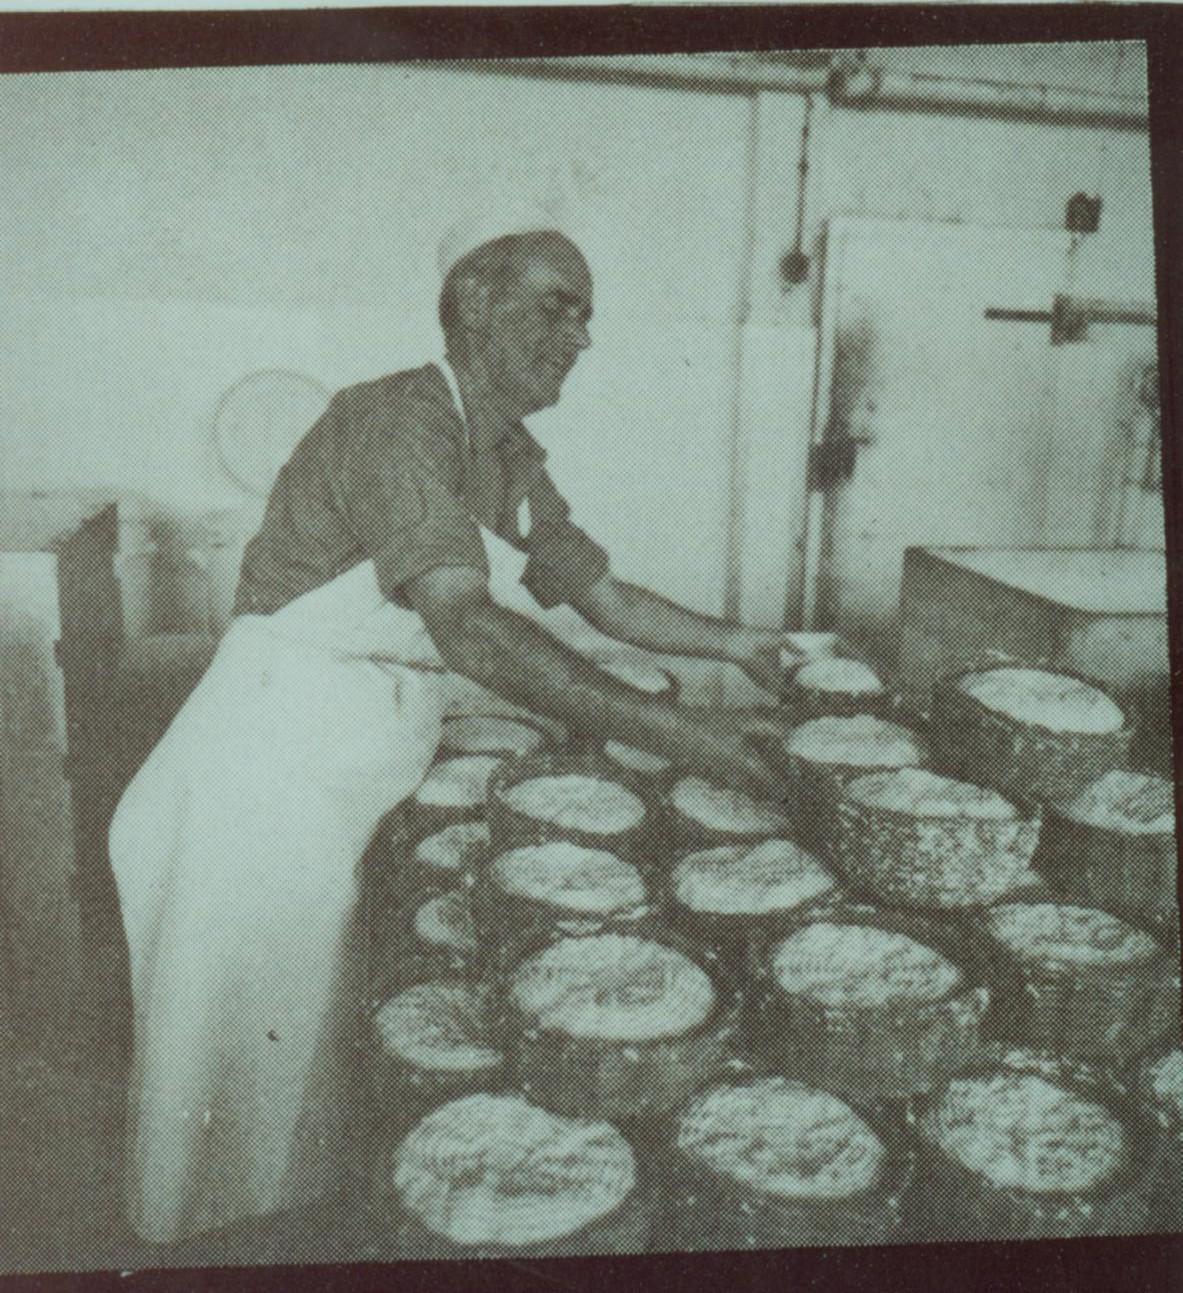 להנגיש מחדש גבינות איכותיות מחלבת שטראוס בשנות ה-30 . צילום: ארכיון שטראוס